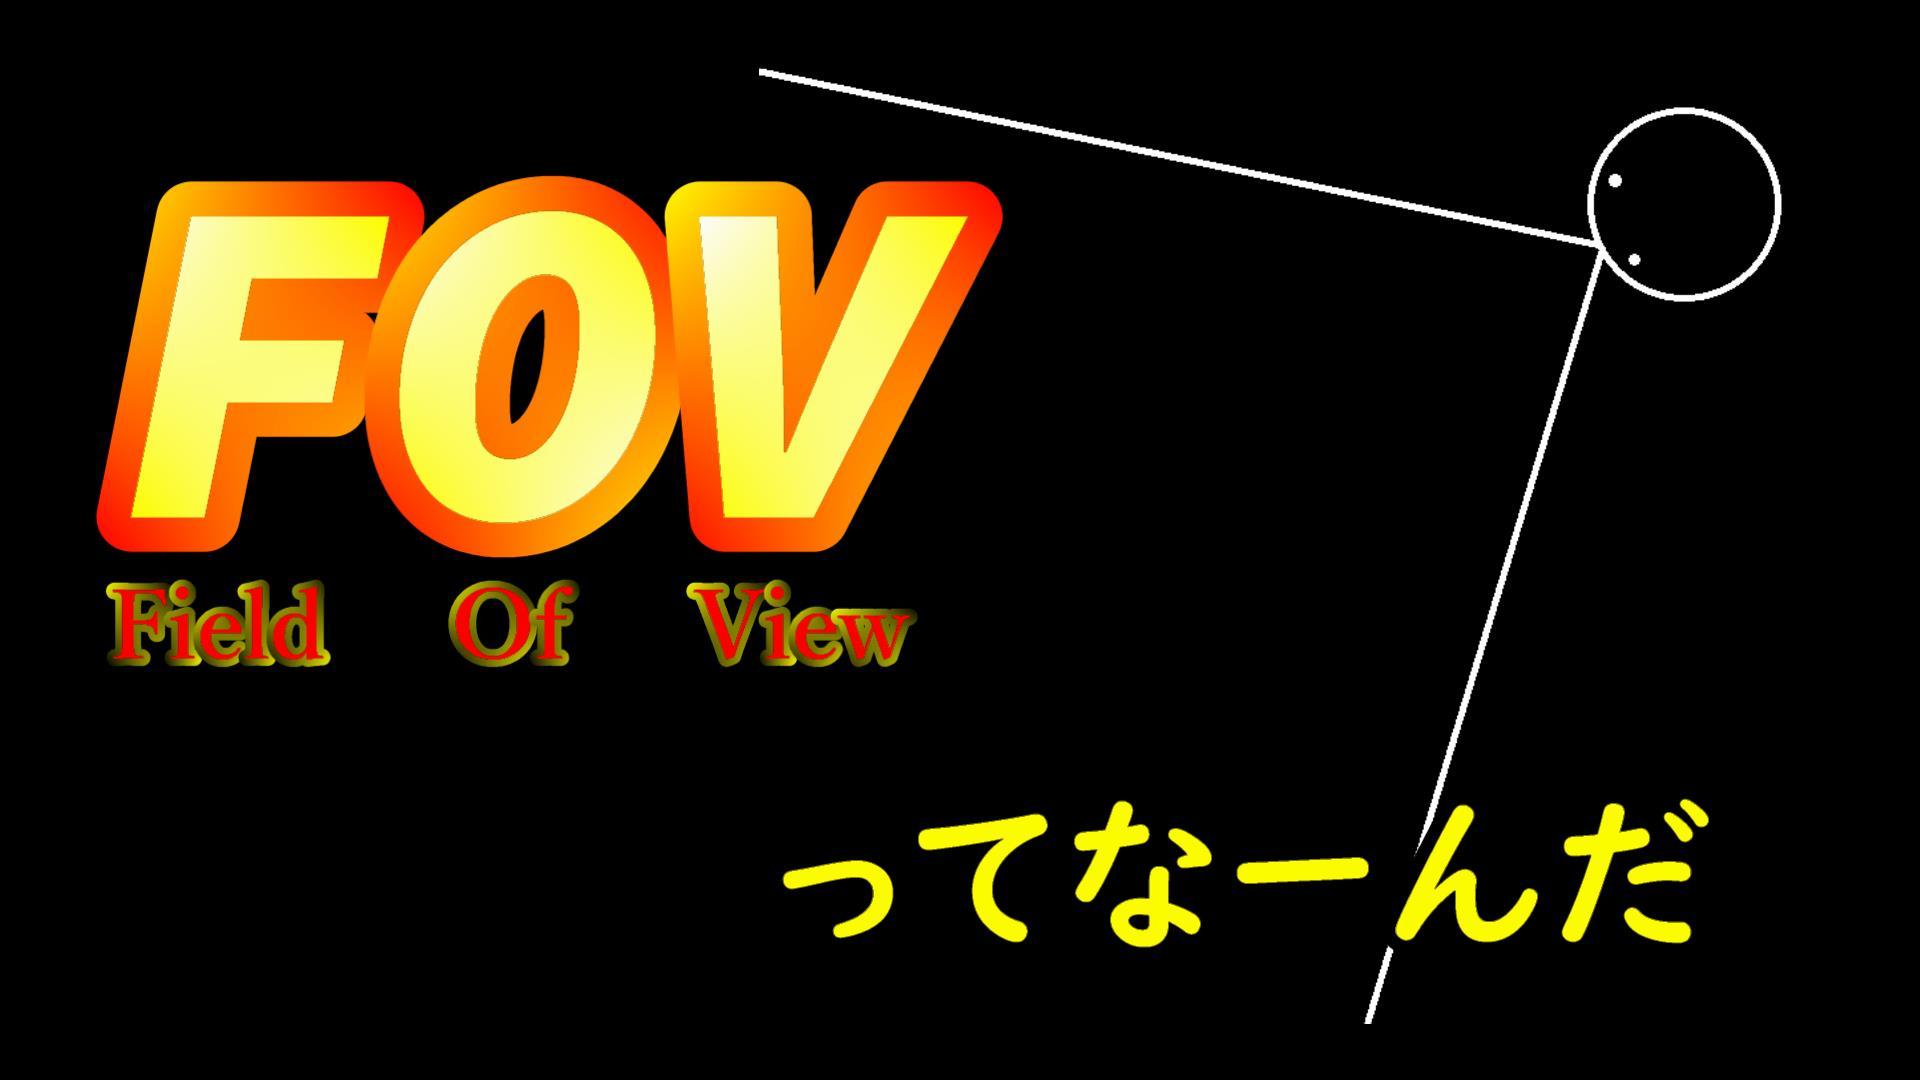 FOVの意味とは-低FOVと高FOVのメリットデメリット-【FPS基礎知識】